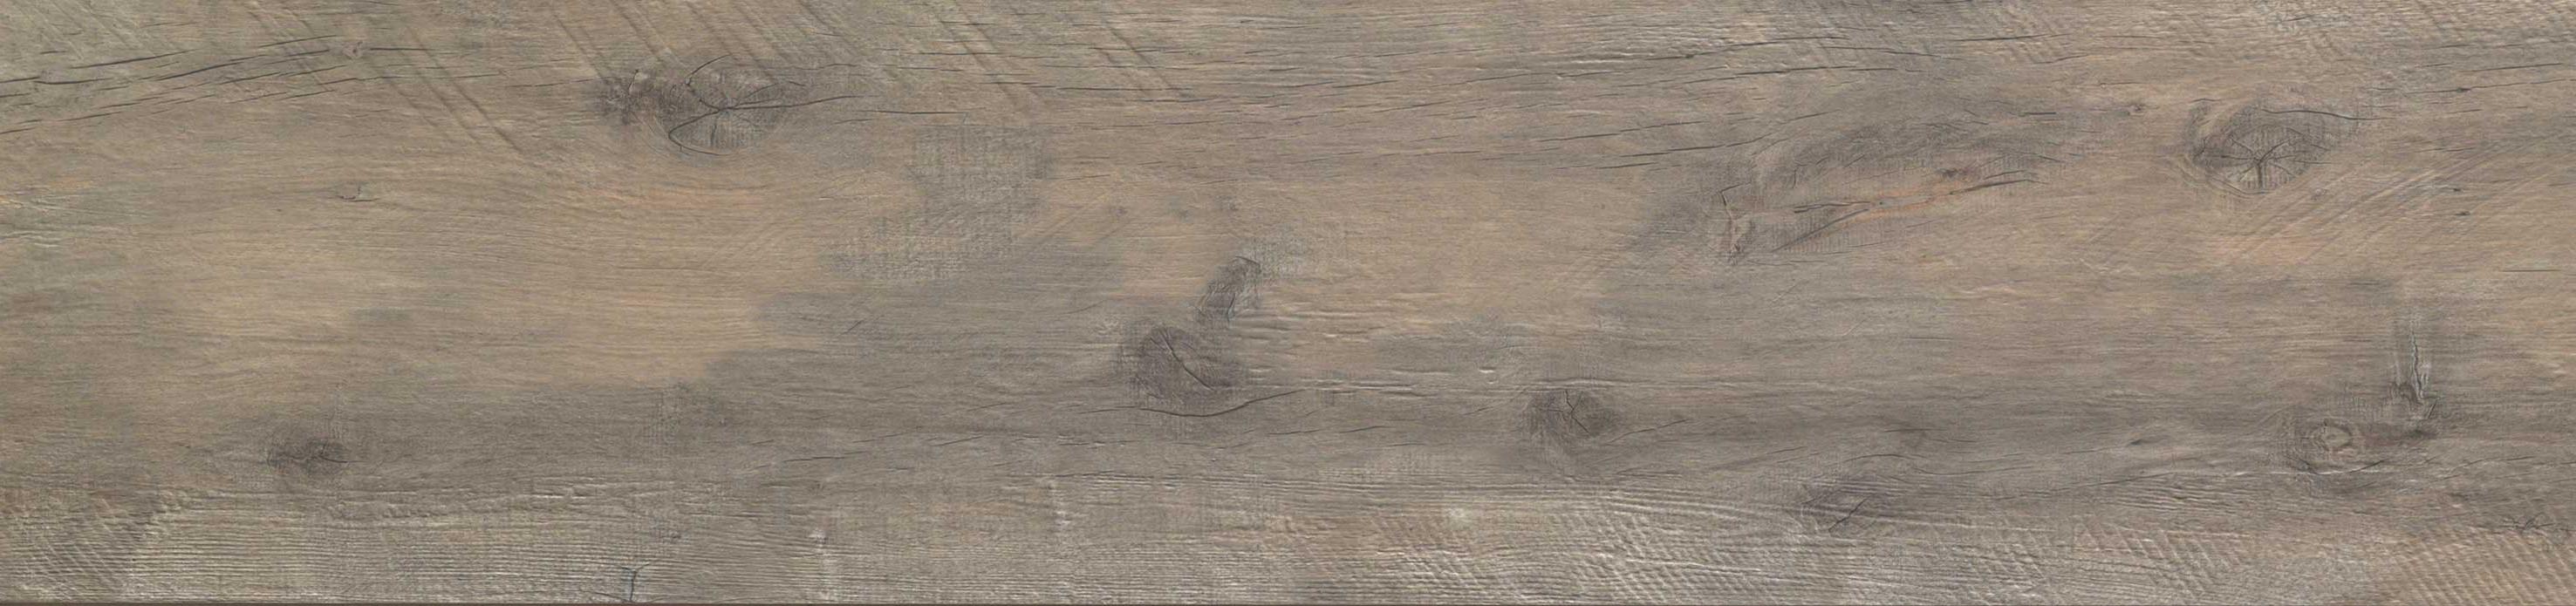 097221 płytka gresowa drewnopodobna 20×120